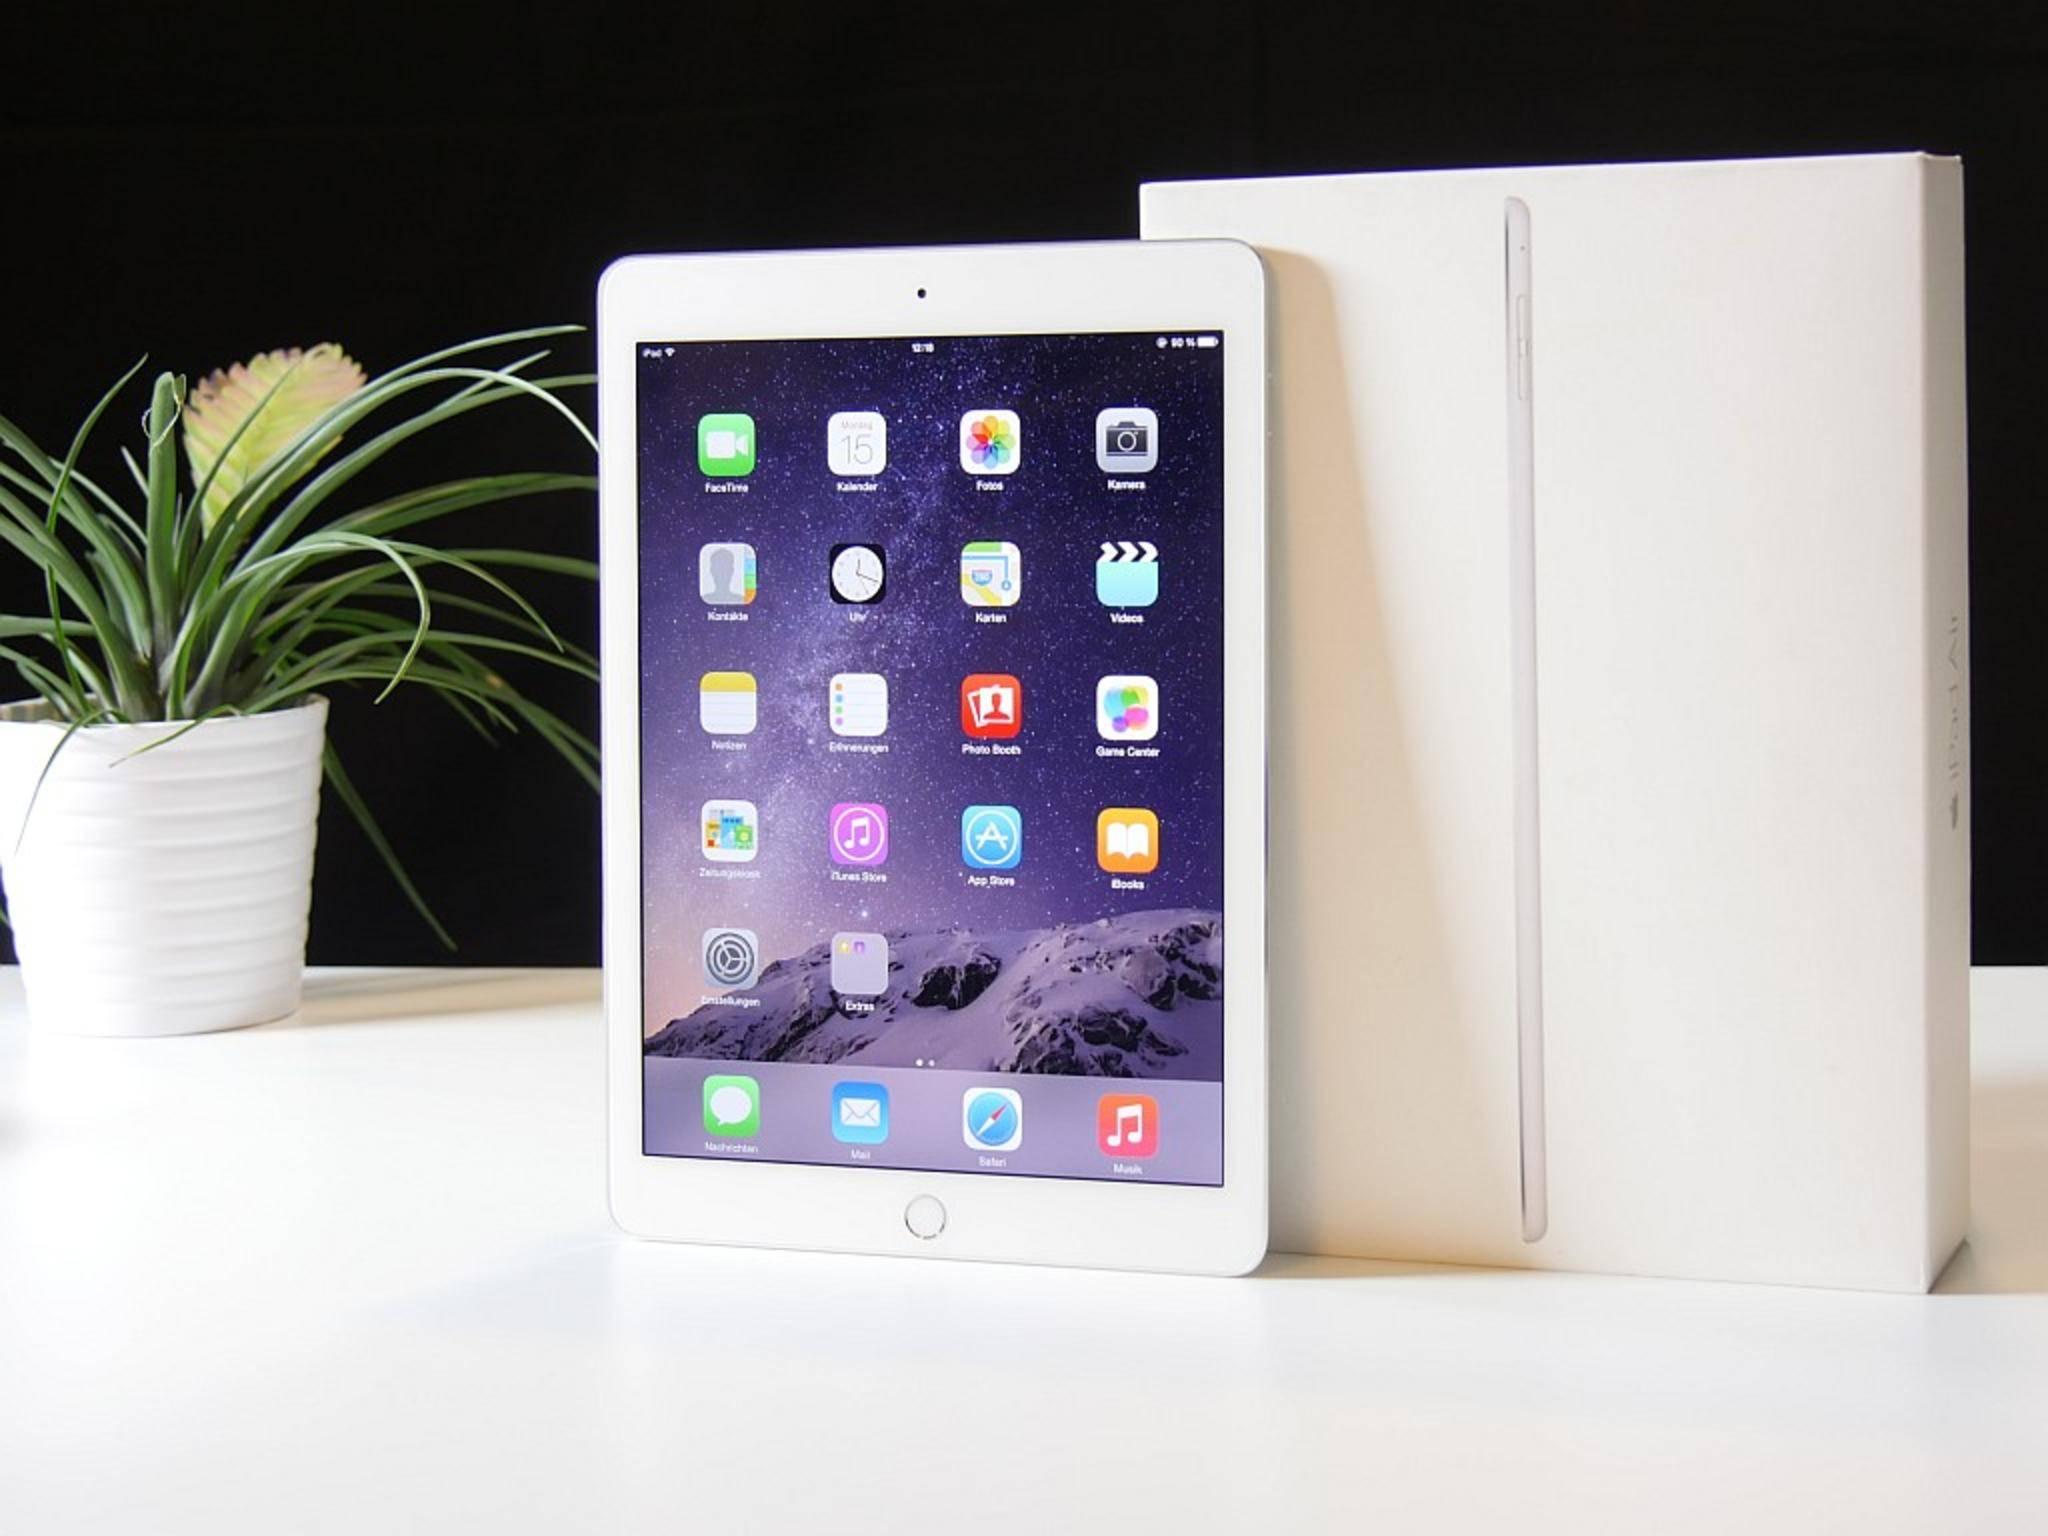 Mit dem iPad Pro steht vermutlich ein Nachfolger für das iPad Air 2 in den Startlöchern.